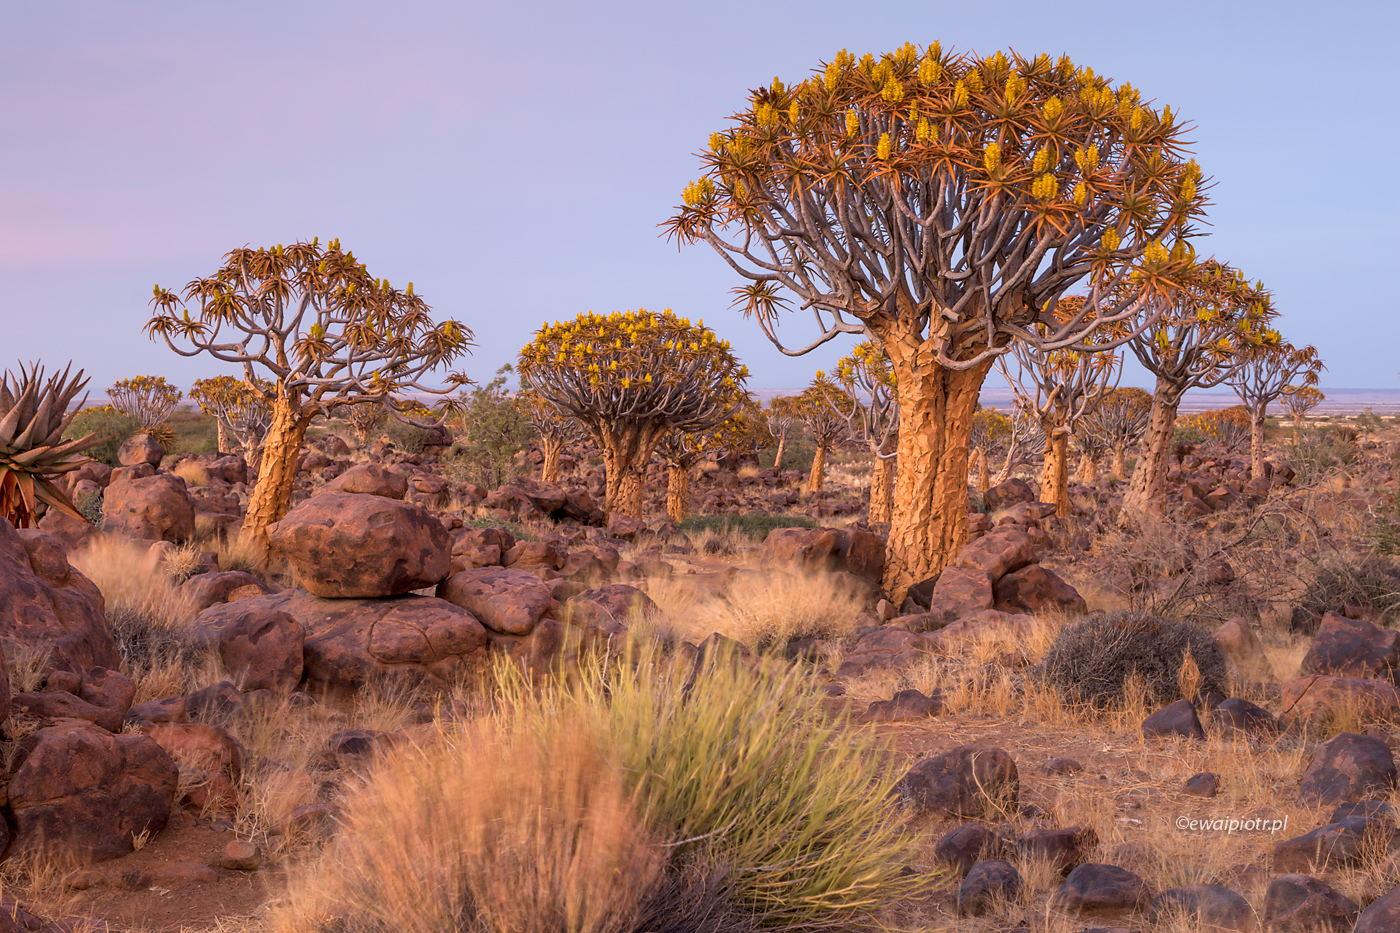 Las Kołczanowy w Namibii